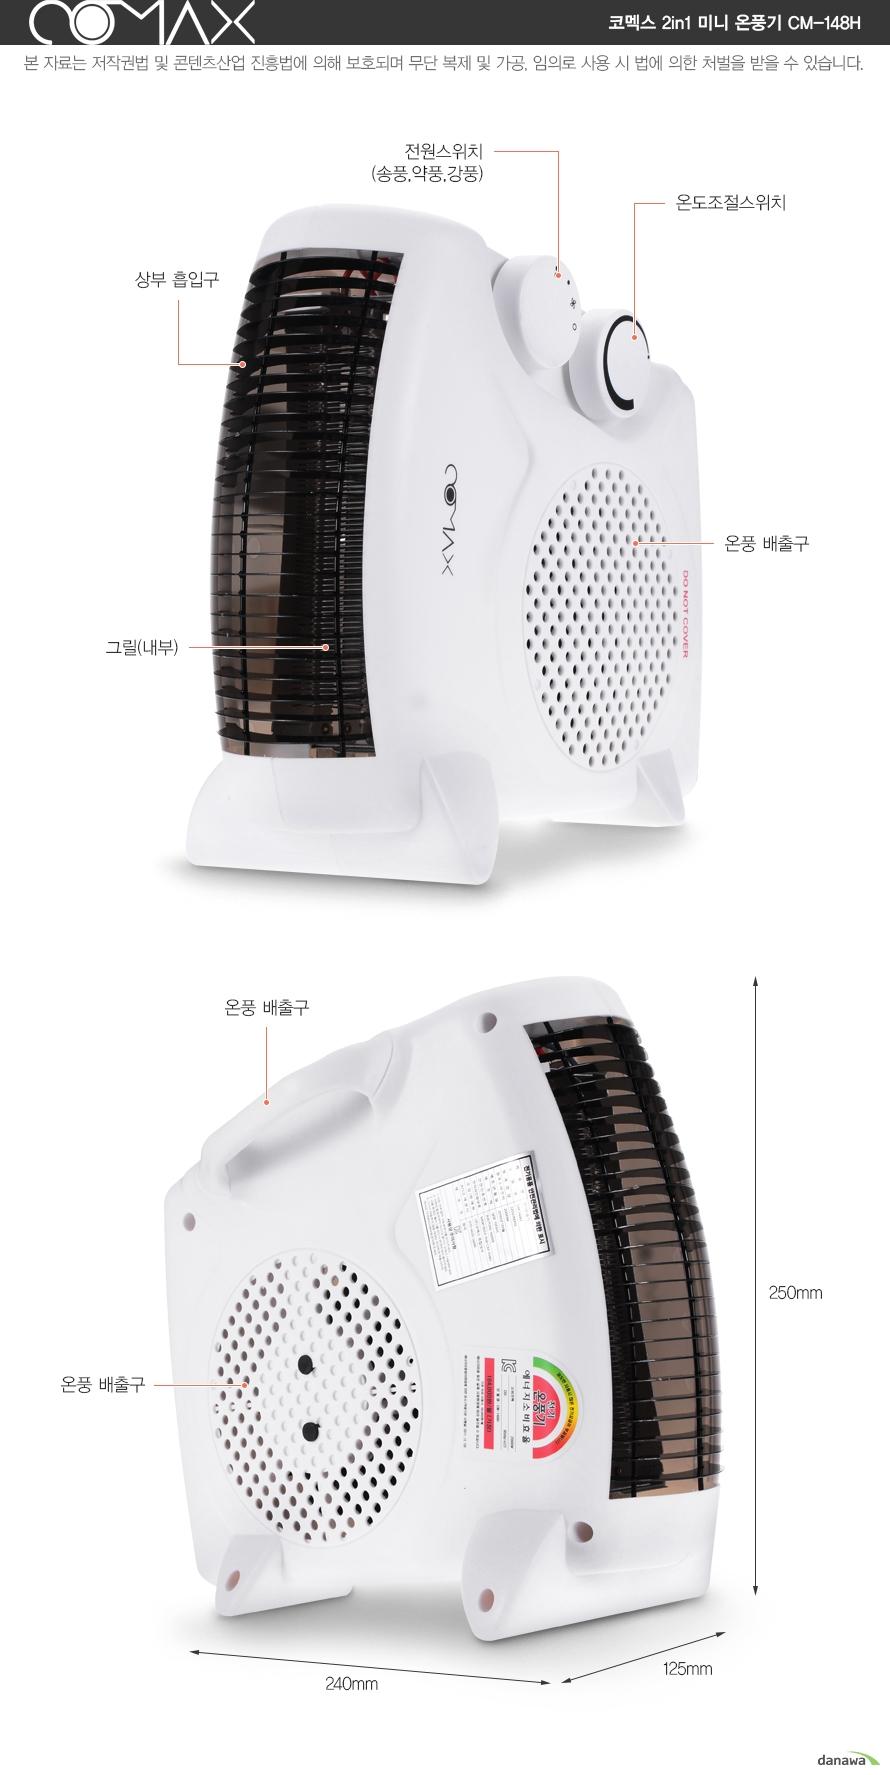 코멕스 2in1 미니 온풍기 CM-148H 전원스위치(송풍,약풍,강풍)온도조절스위치상부 흡입구온풍 배출구그릴(내부)